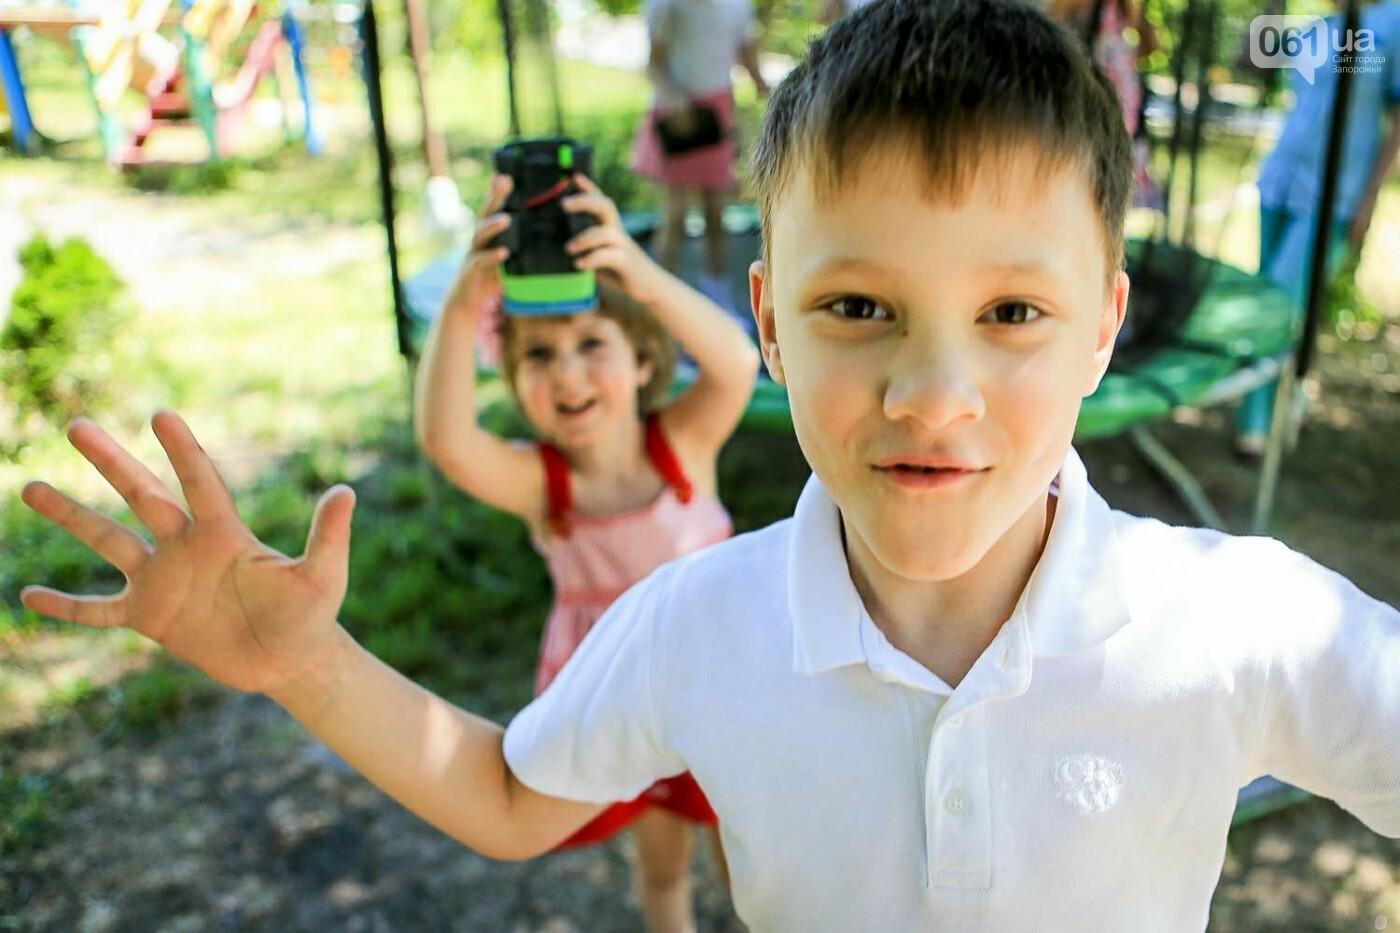 """О чем мечтают дети - фоторепортаж из дома ребенка """"Солнышко"""", фото-15"""